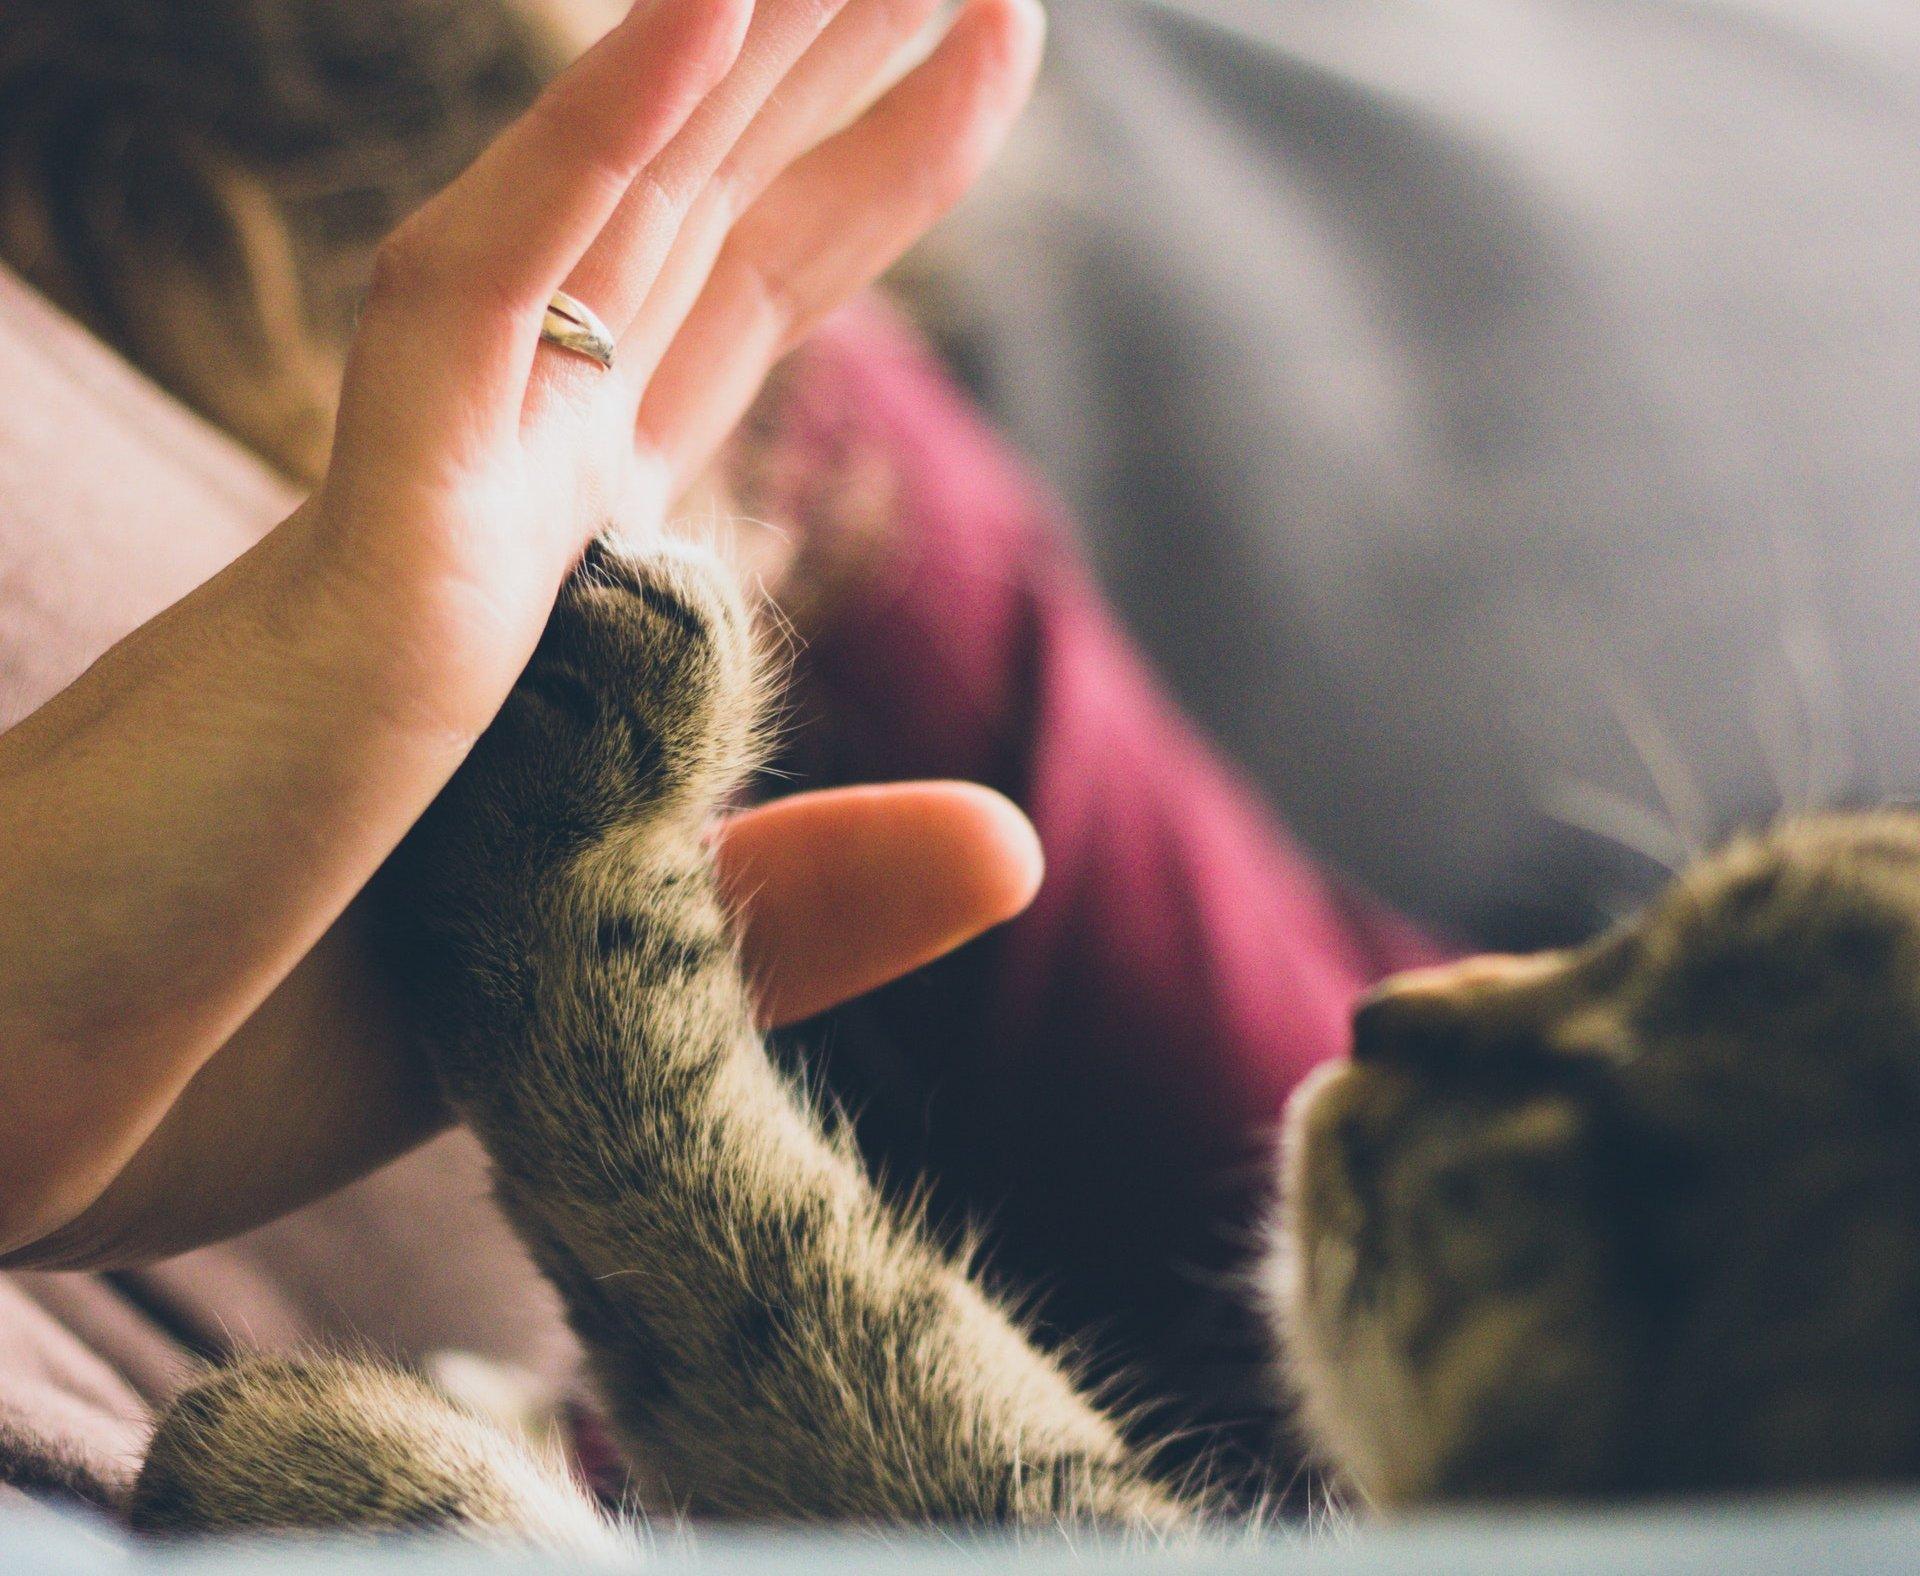 Cat High Five via Pexels